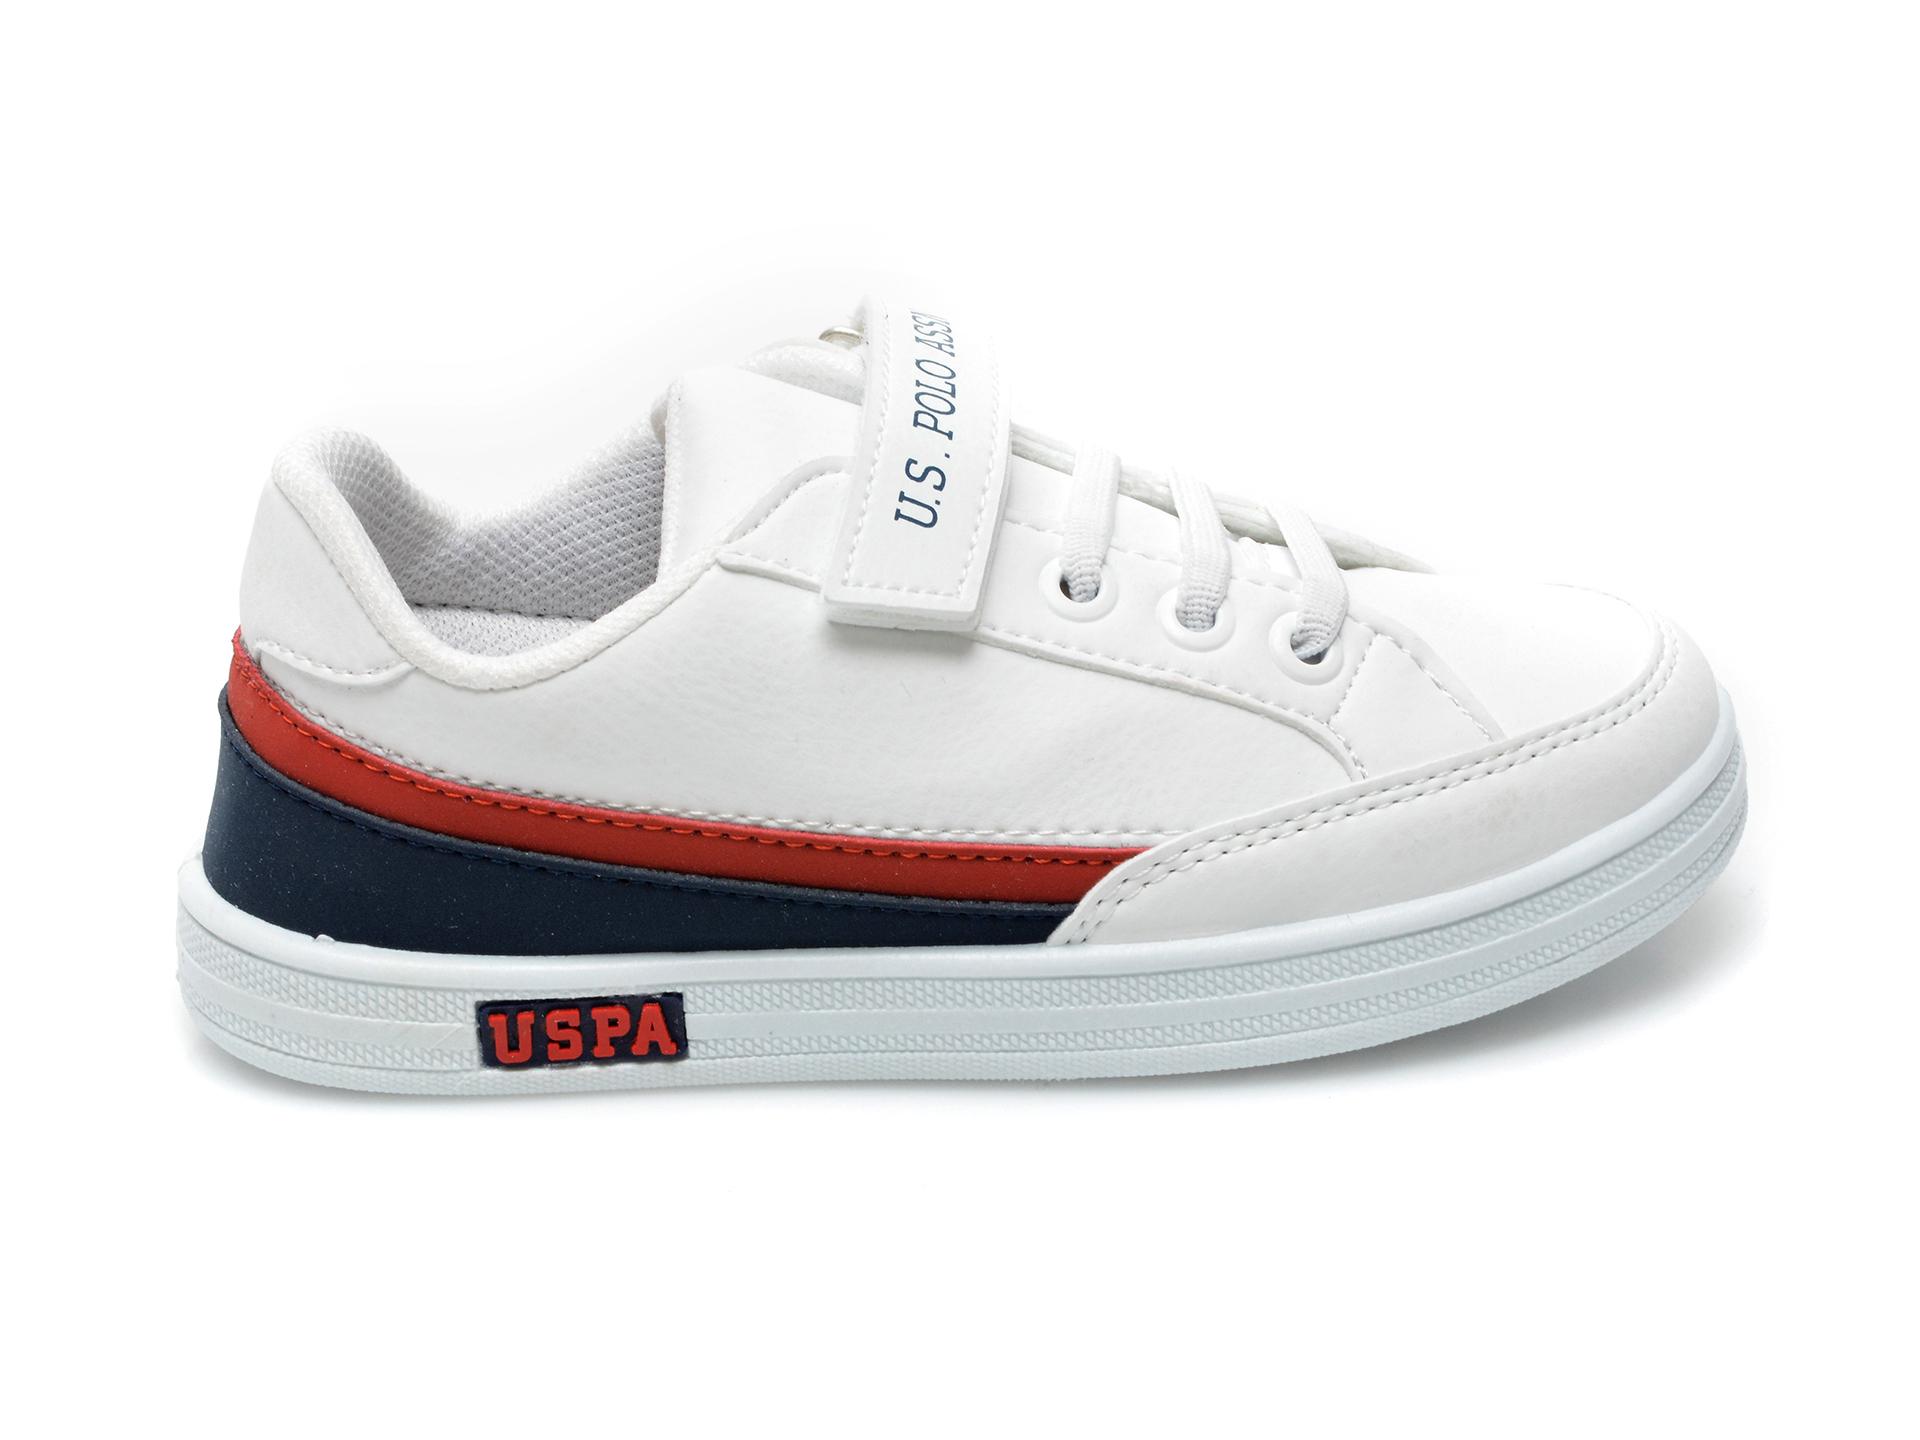 Pantofi sport US POLO ASSN albi, JAMA1FX, din piele ecologica - 1